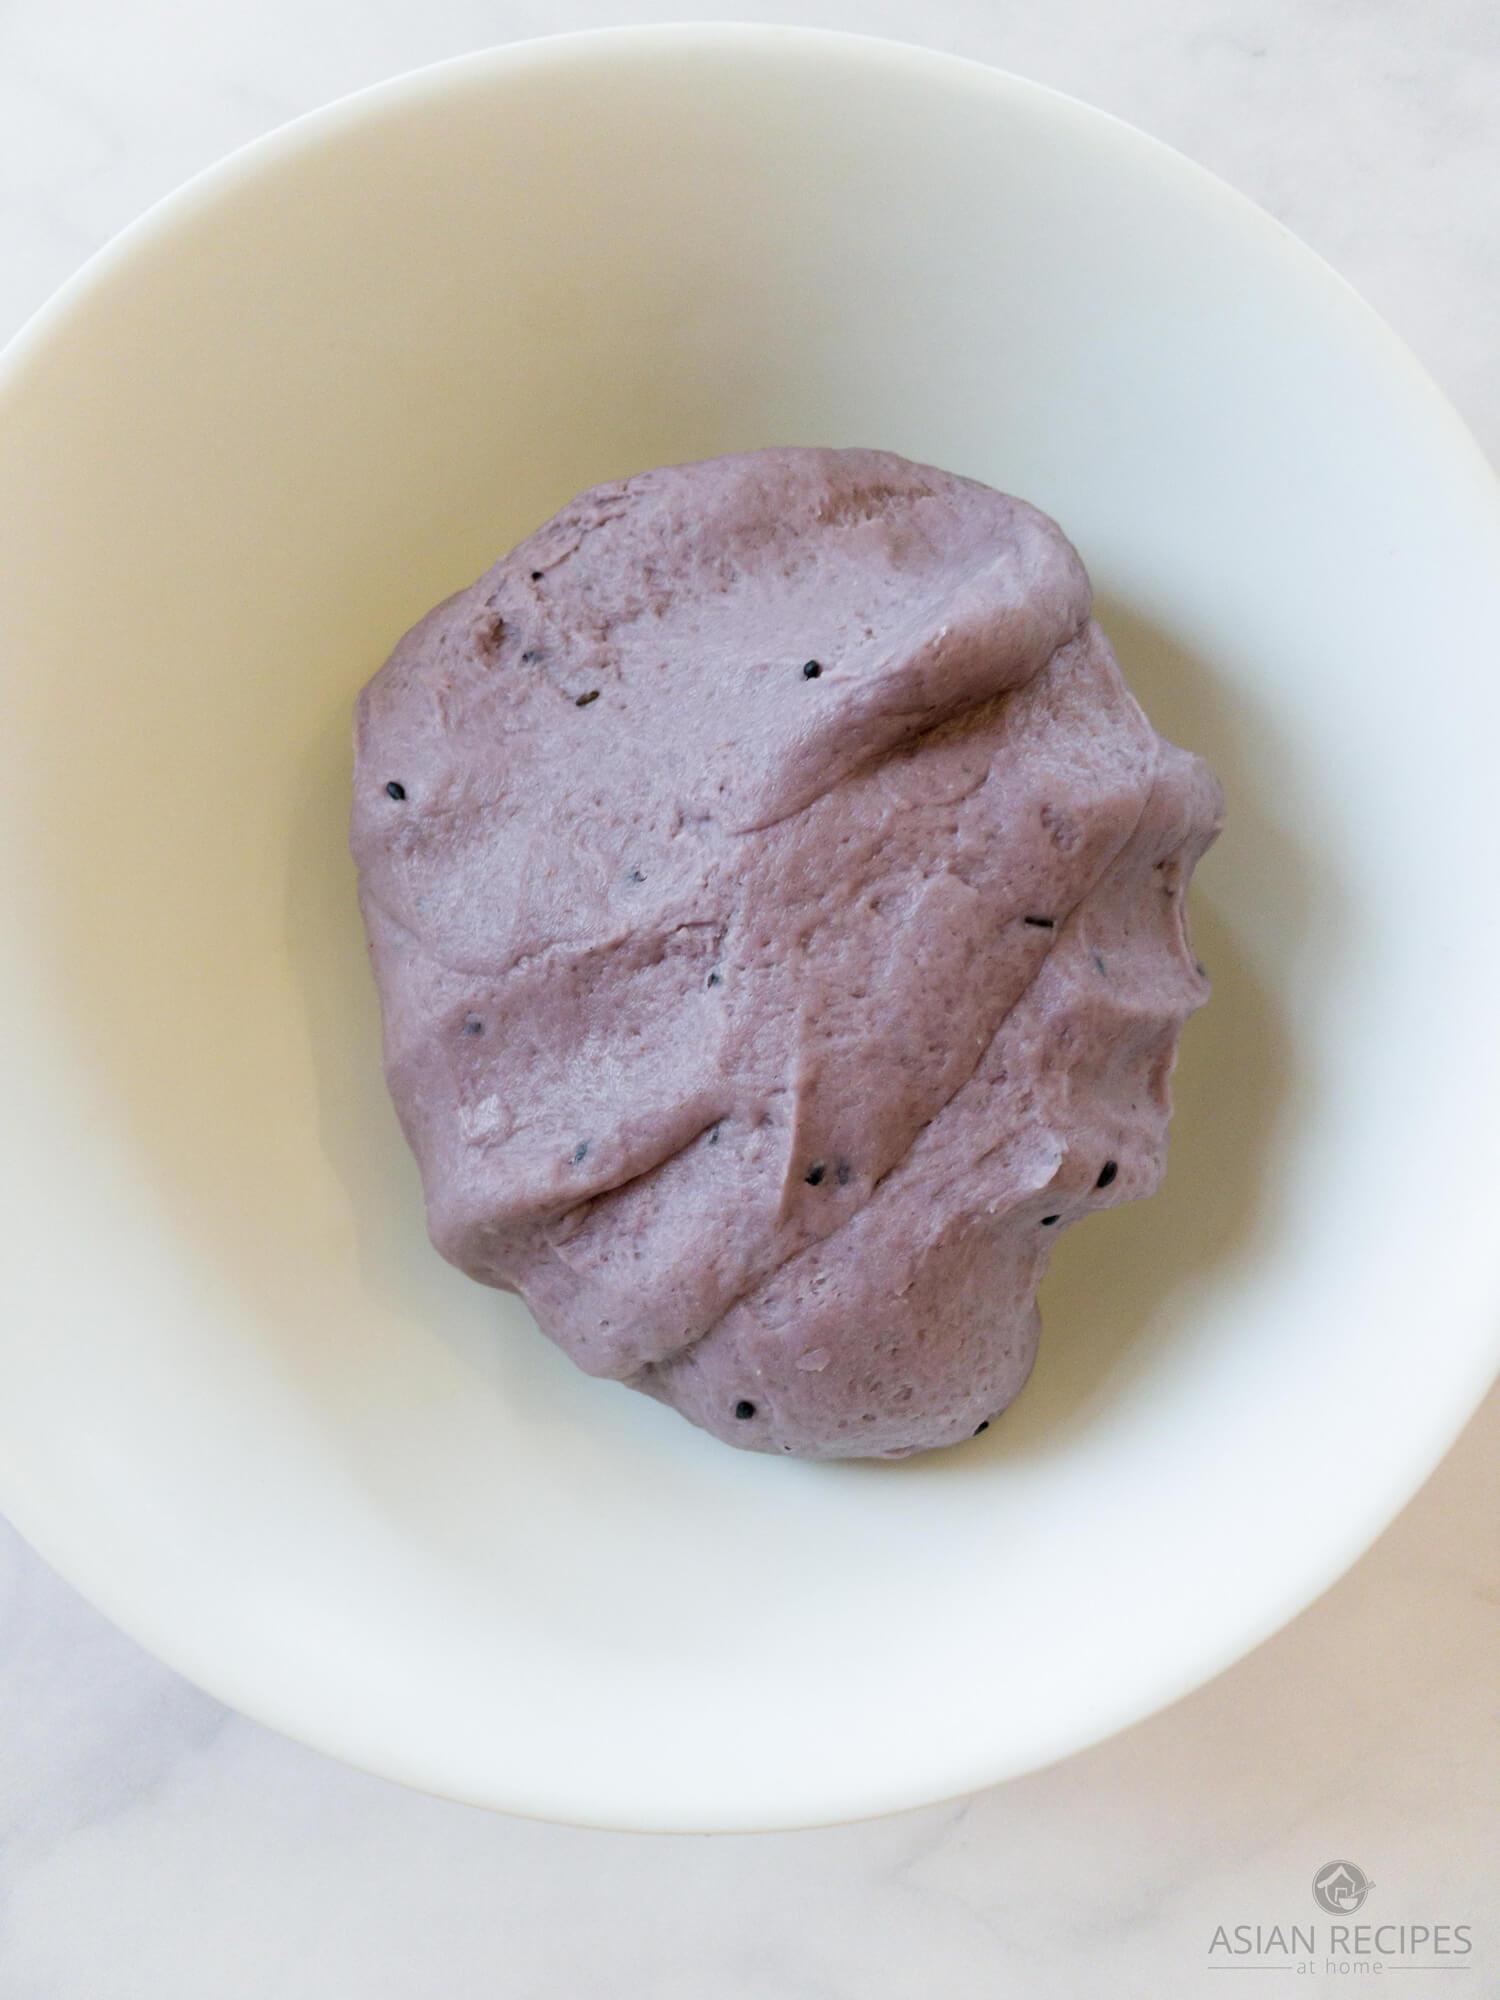 Making Korean sweet pancakes (hoddeok/hotteok) purple dough